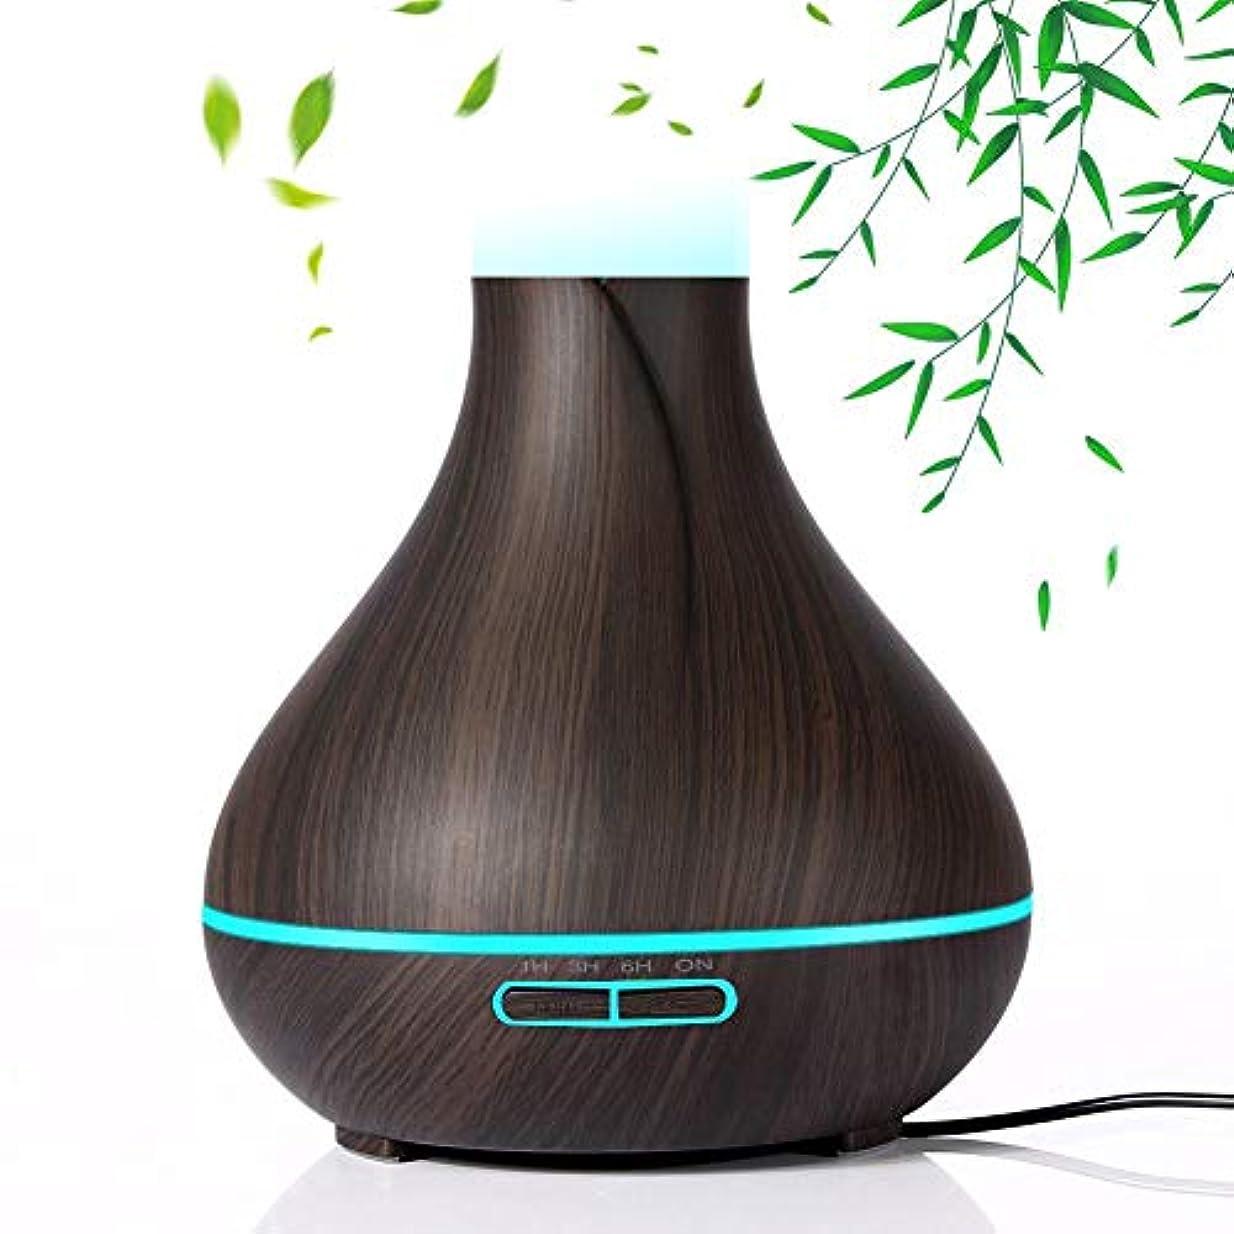 理想的には小さなピボット400ミリリットルエッセンシャルオイルディフューザー 木材穀物超音波アロマディフューザー蒸発器加湿器、タイマーとウォーターレス自動閉鎖、7色、ホームオフィス用ヨガスパ,Darkwoodgrain